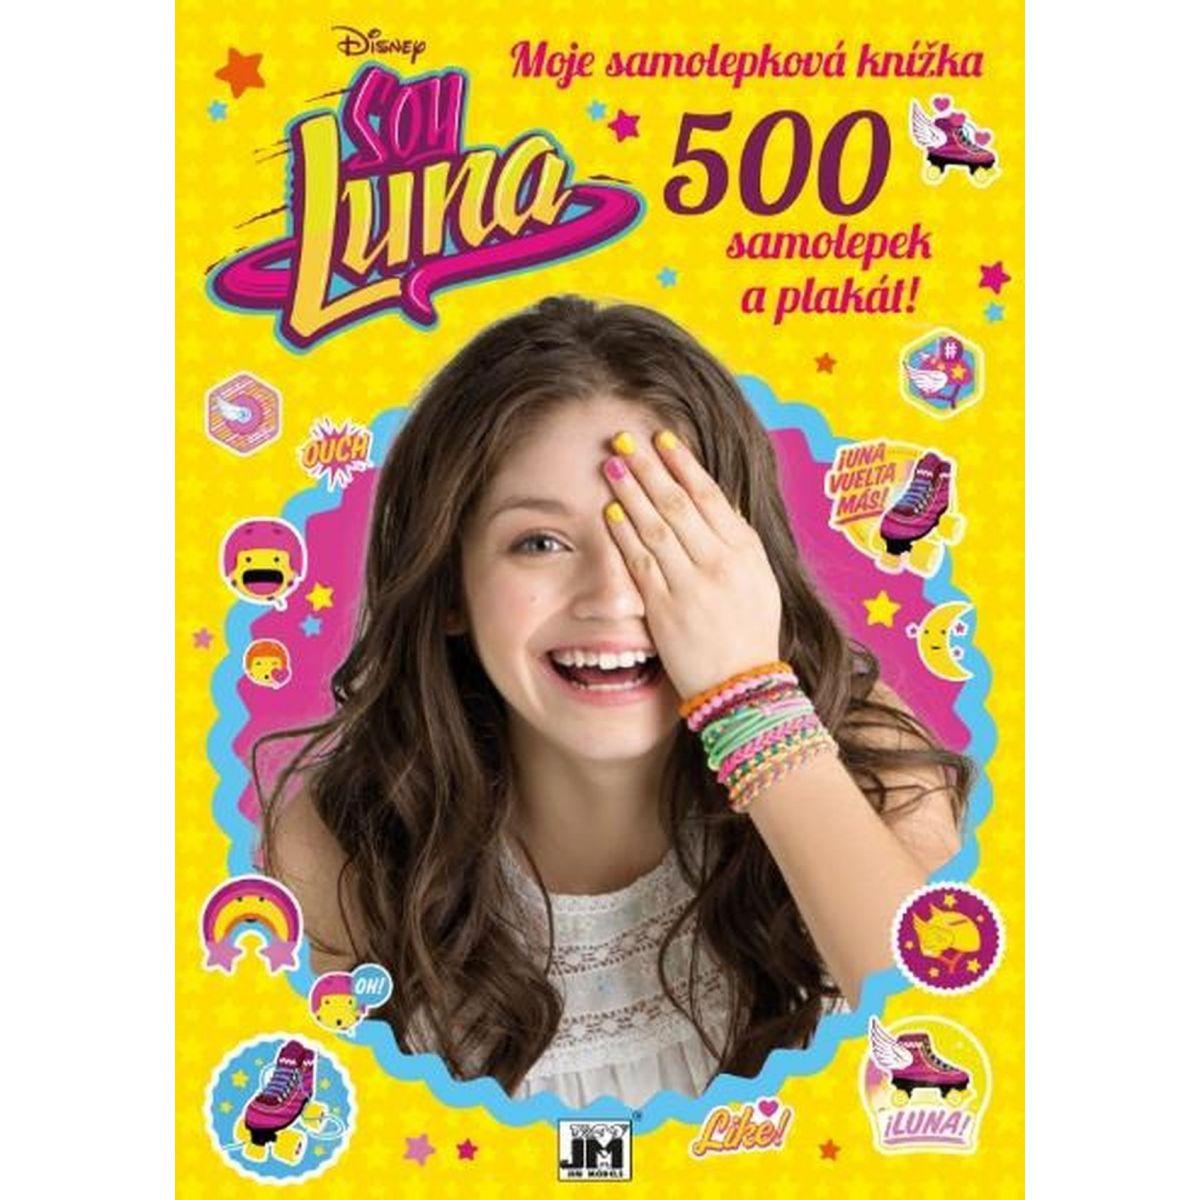 Jiri Models Disney Samolepkové knížky Soy Luna 500 samolepek